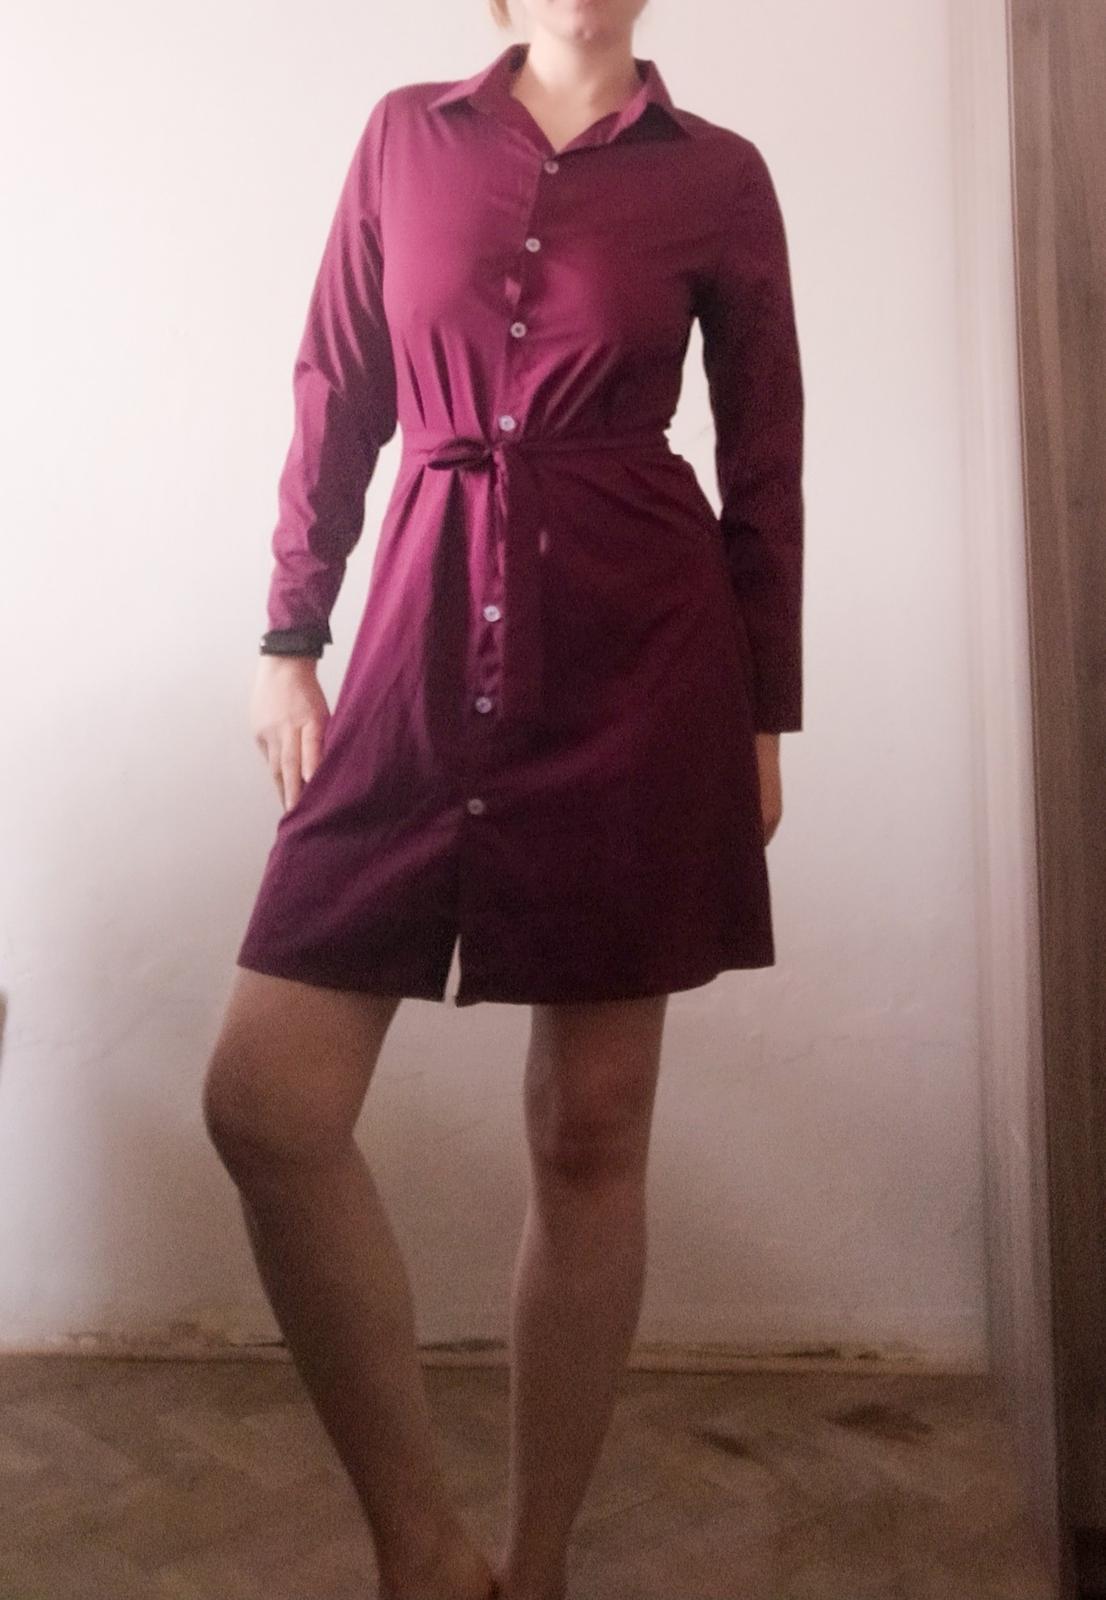 Košilové vínové šaty Erikafashion vel S. - Obrázek č. 4